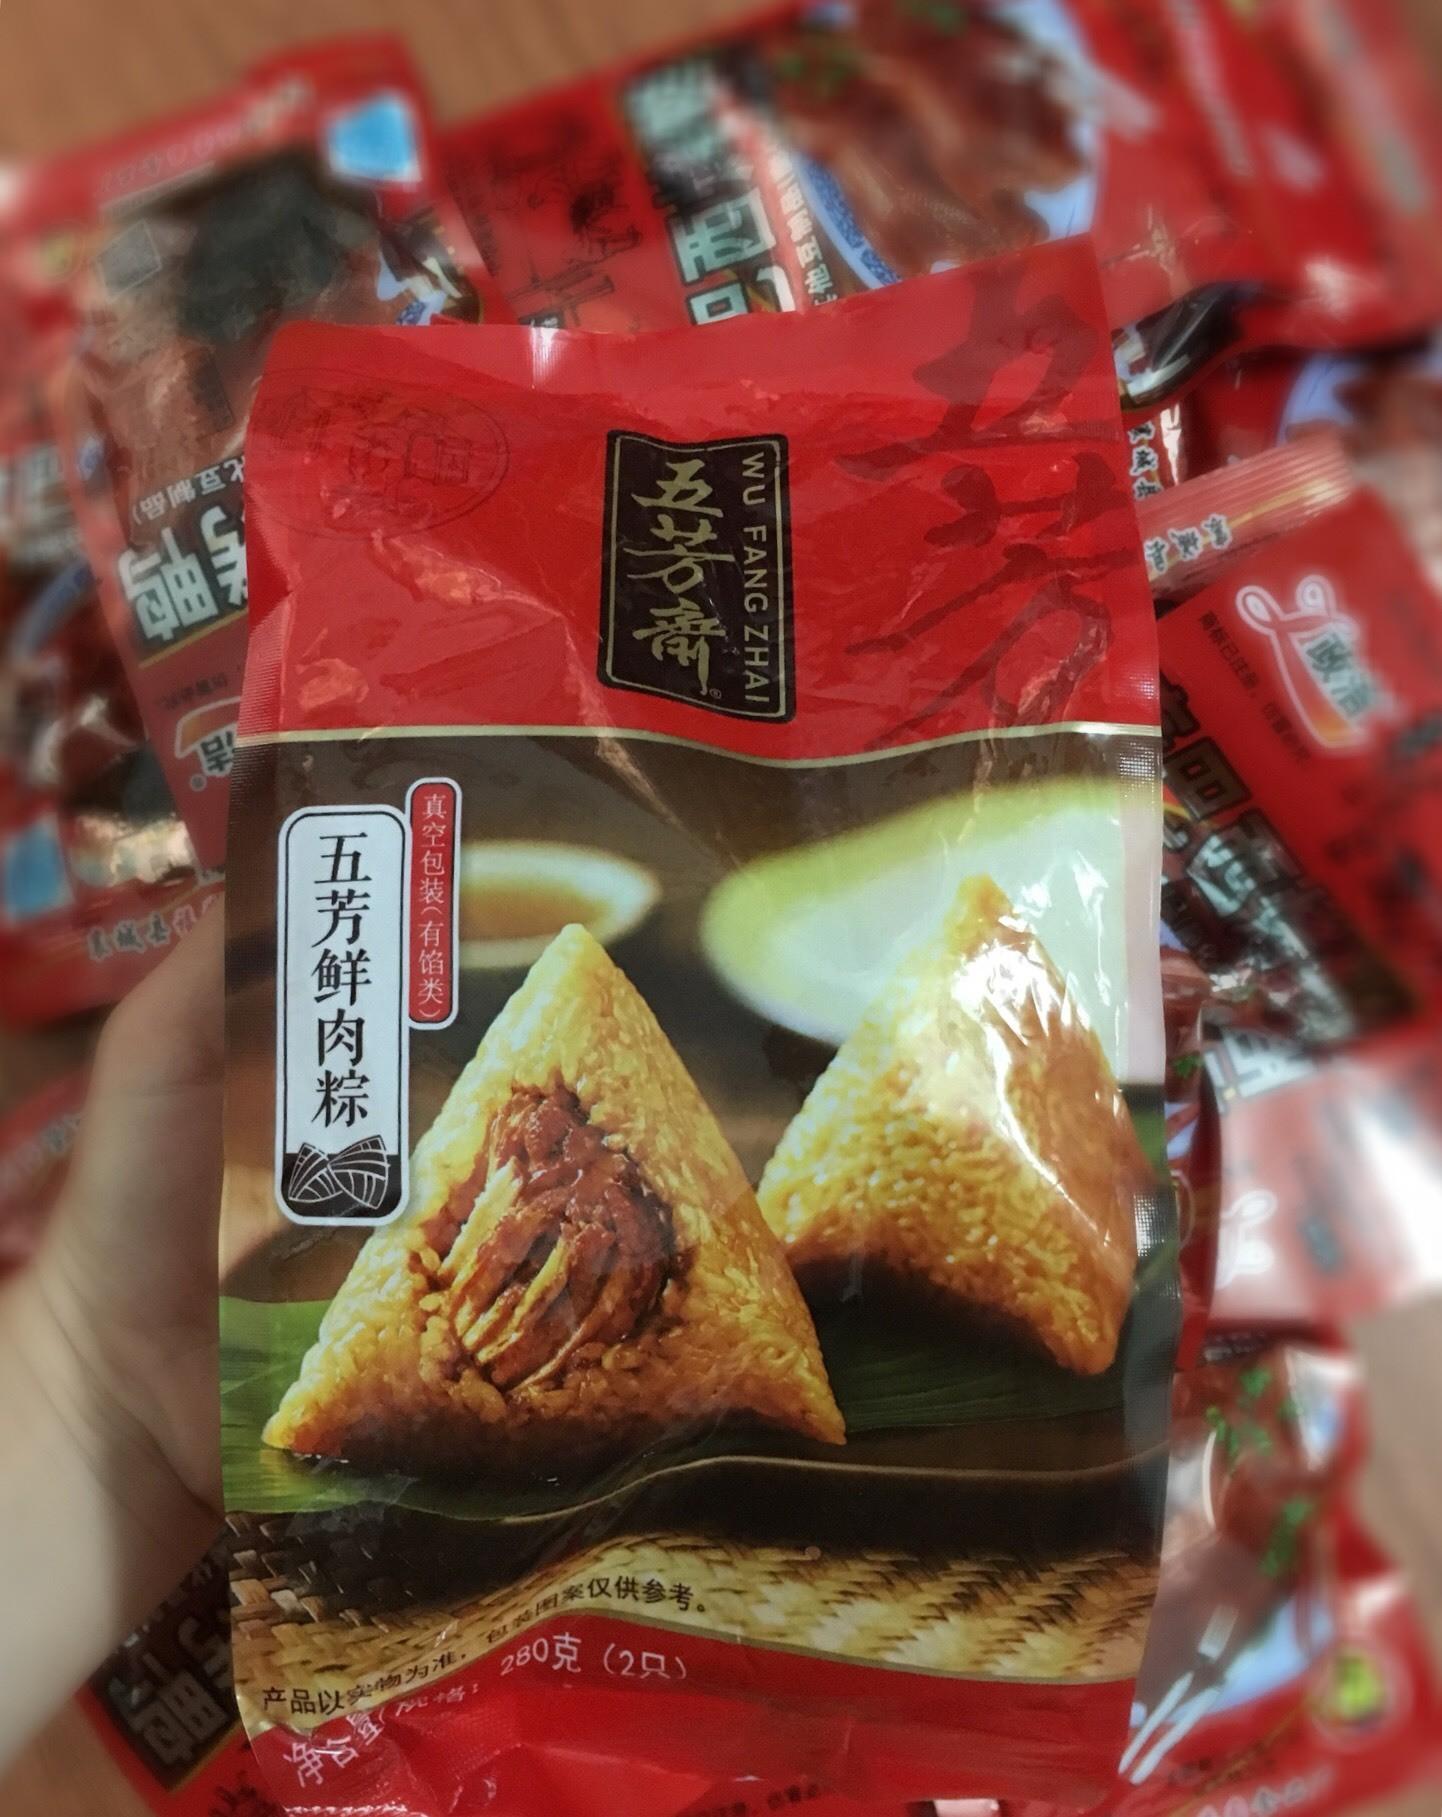 Đáng sợ, bánh chưng nội địa Trung Quốc 9 tháng không hỏng - Ảnh 1.